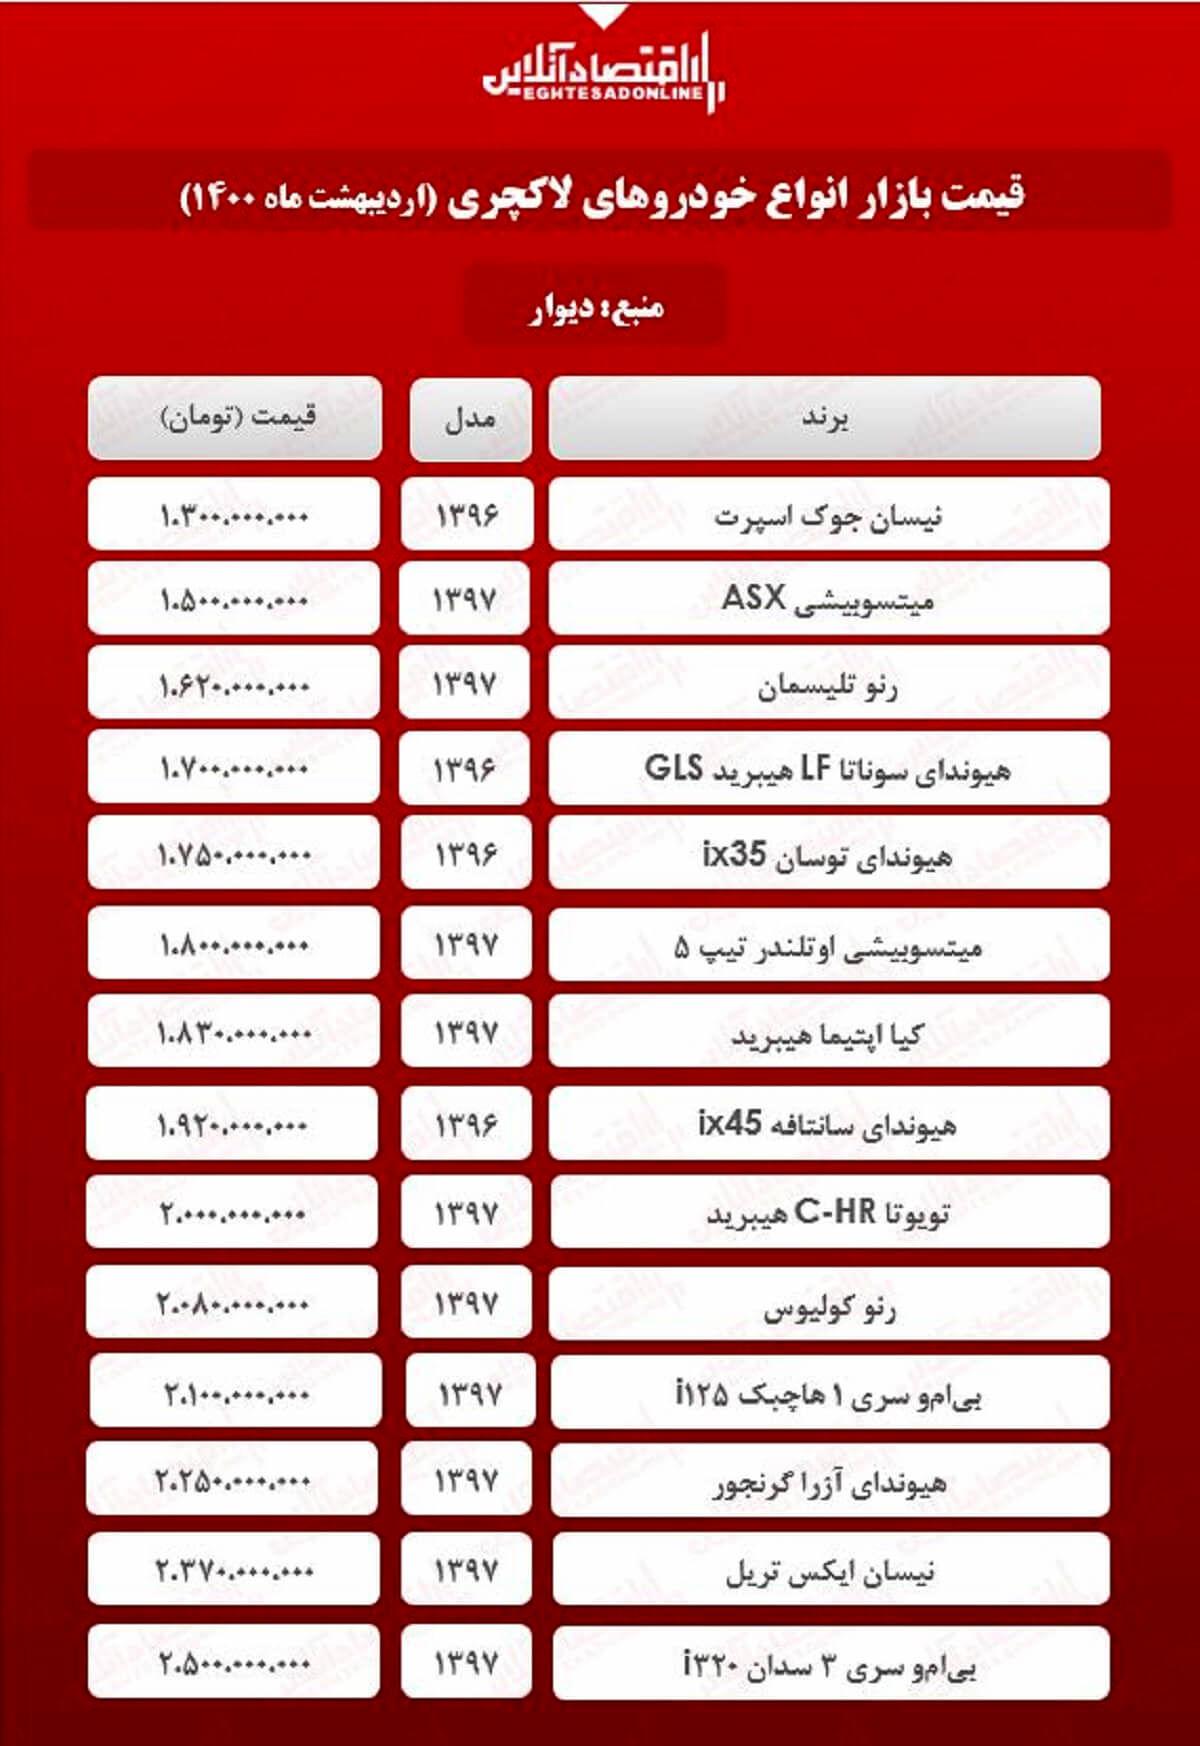 قیمت خودروهای میلیاردی + جدول